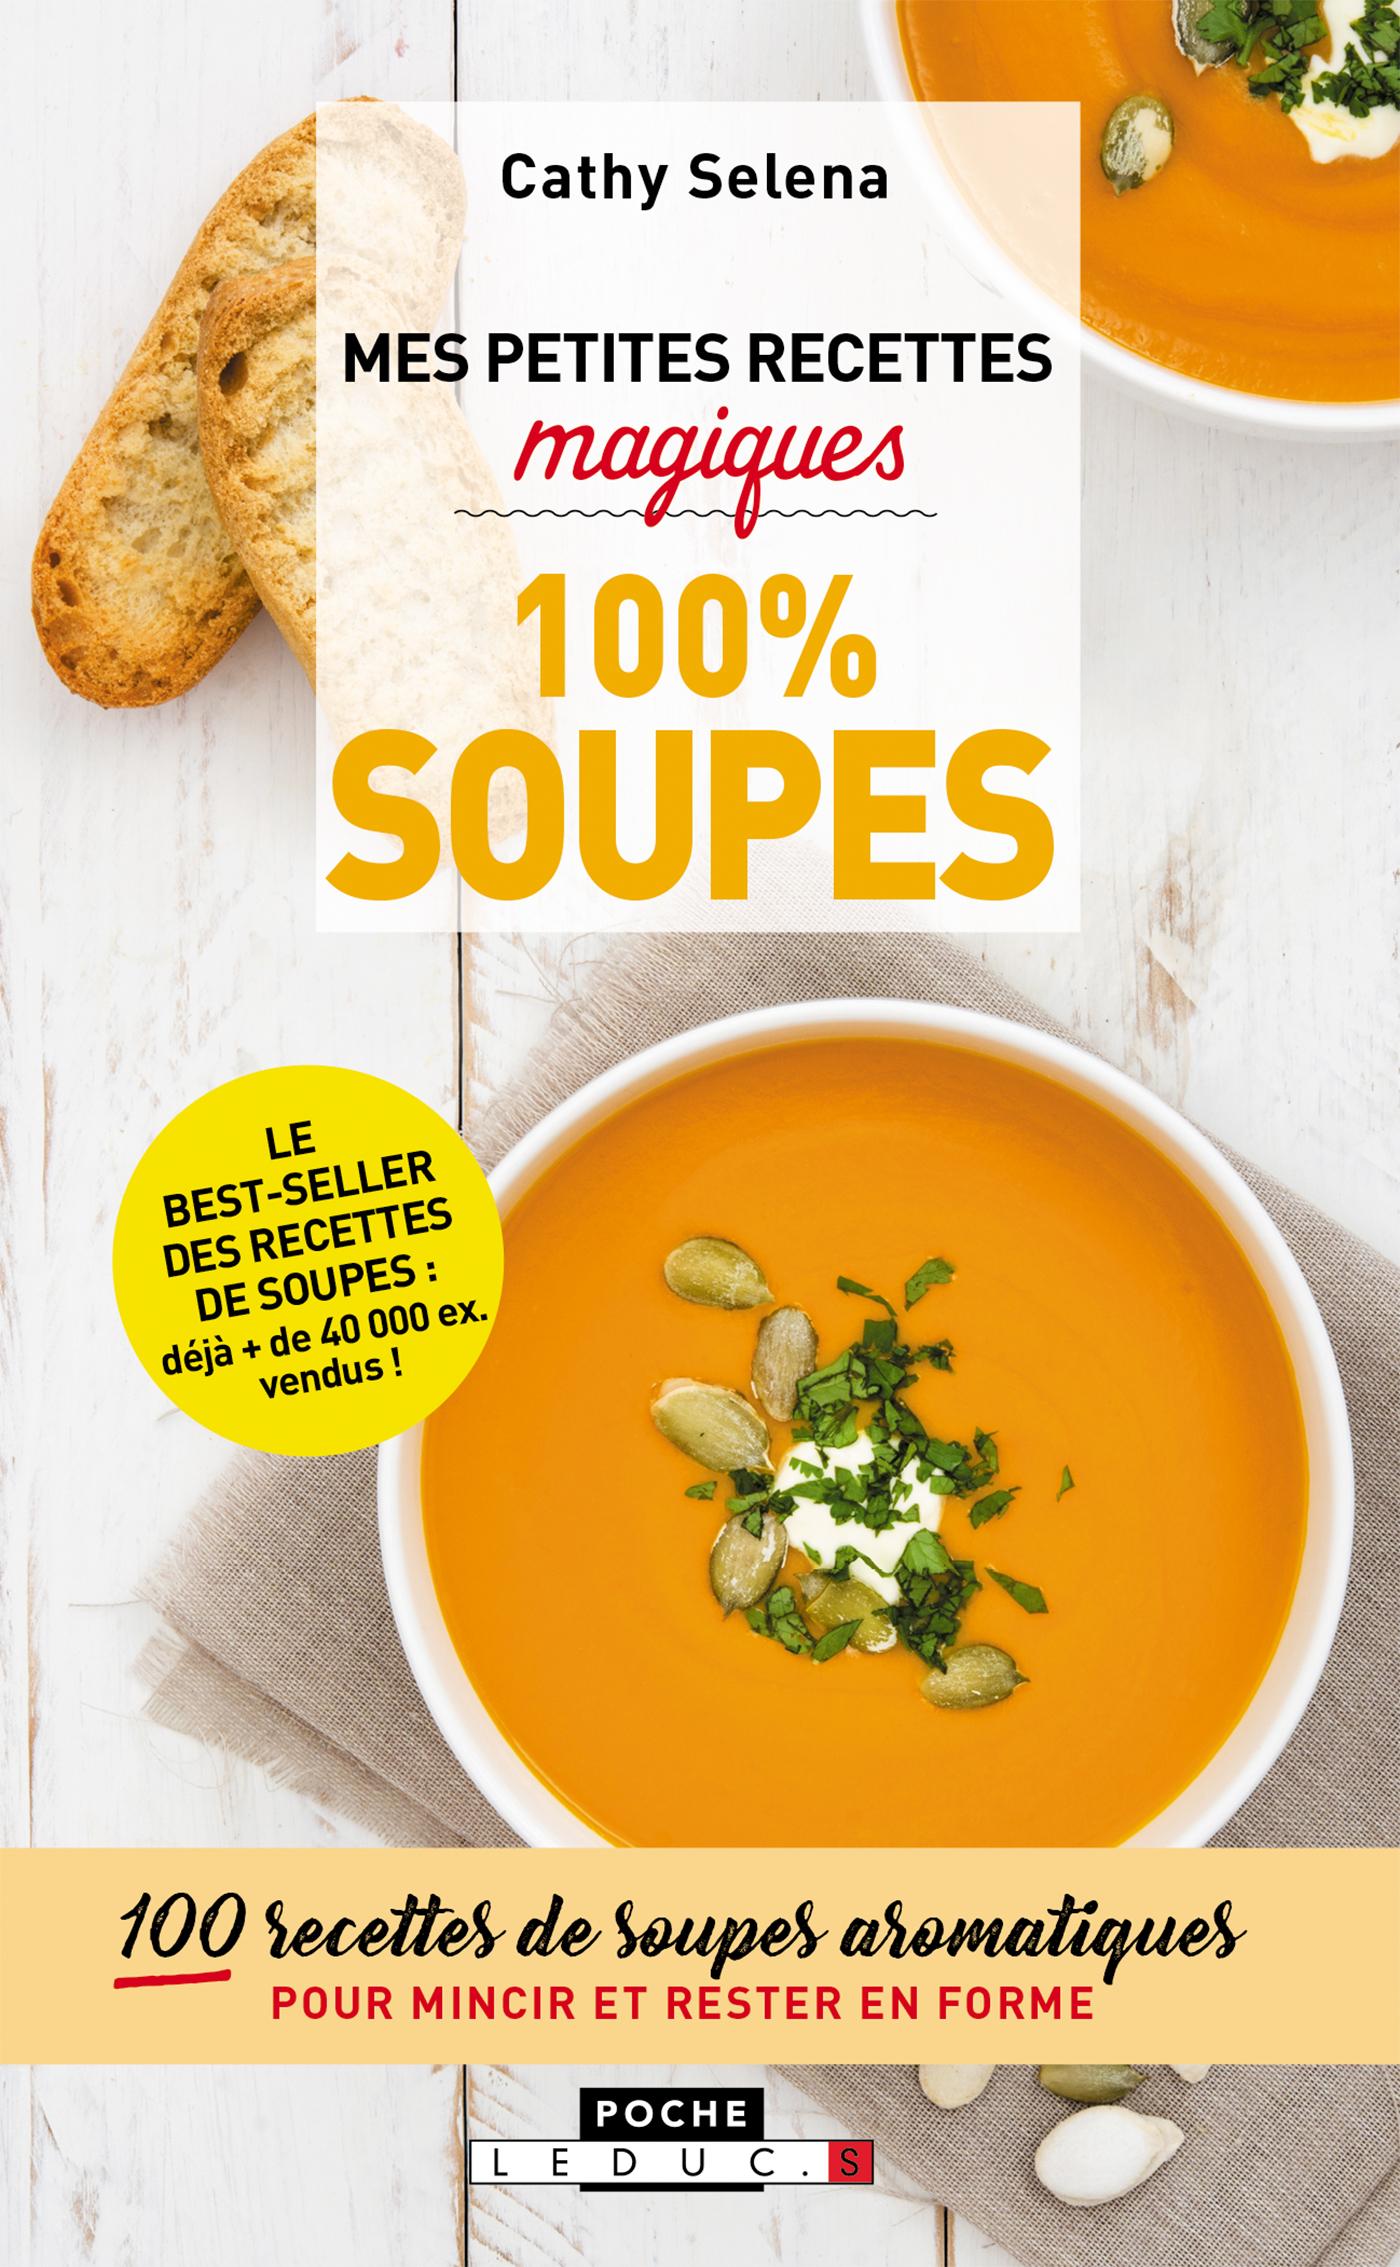 Mes petites recettes magiques 100% soupes - 100 recettes de soupes  aromatiques pour mincir et rester en forme - Cathy Selena (EAN13 :  9791028509798), ...